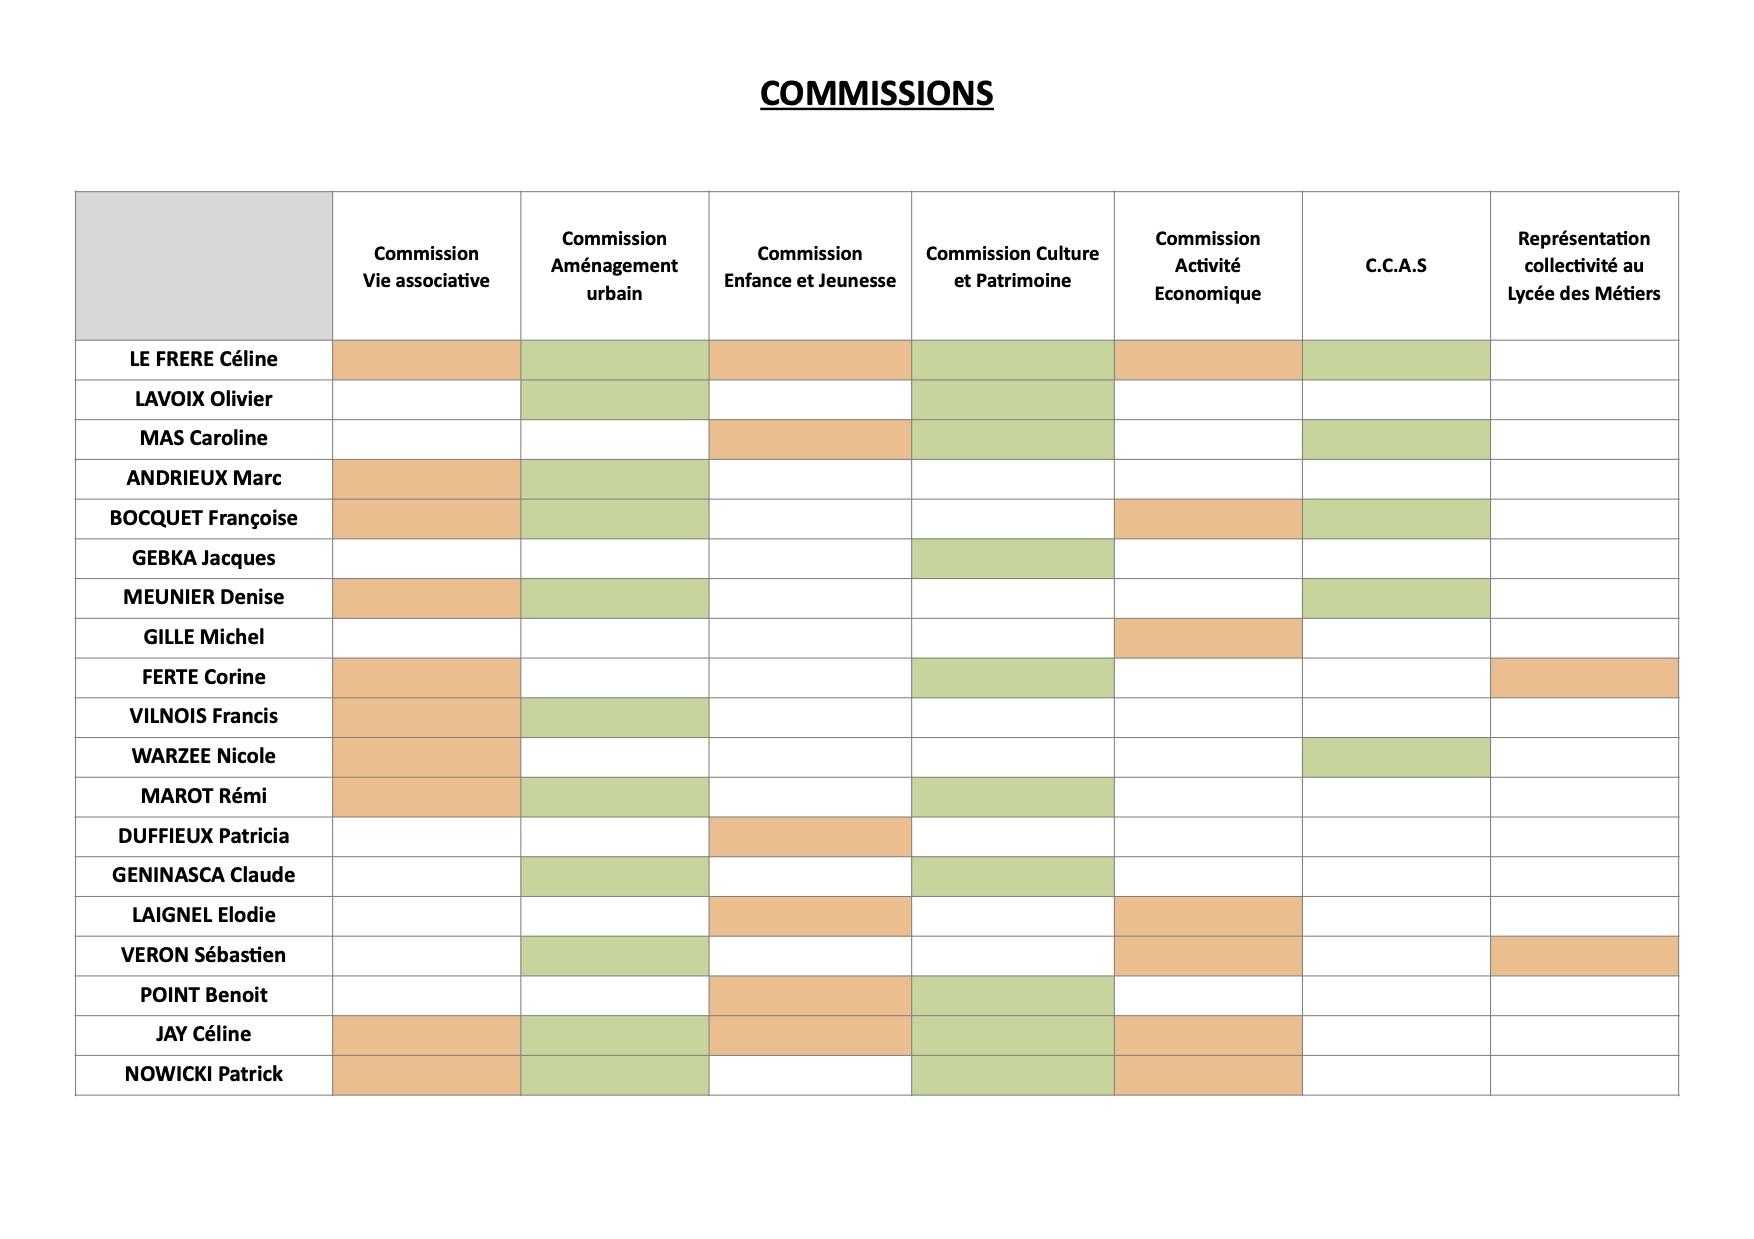 COMMISSIONS 1.jpg